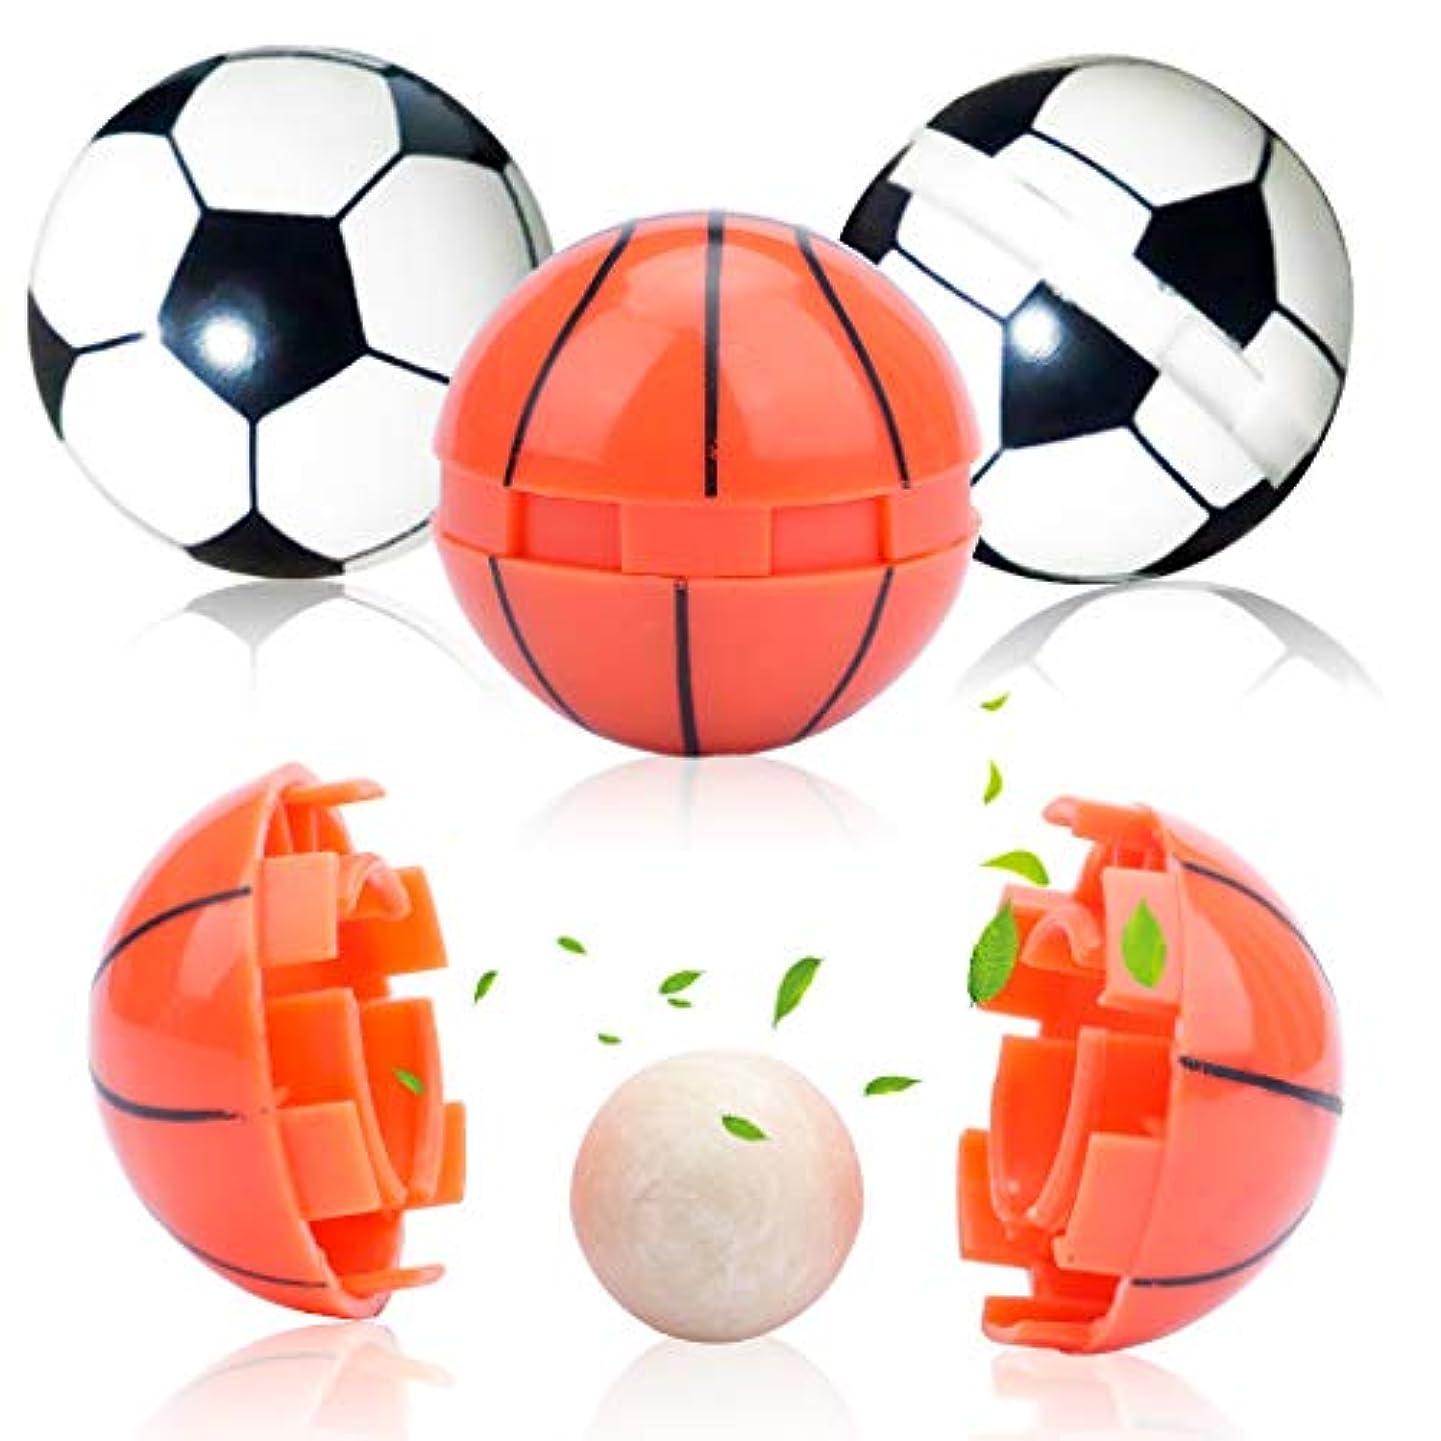 規制若い腐食するAmycute アロマ アロマボール 香り玉 4点セット (18mm)750g 丸型 サッカー&バスケットボールデザイン 香りが長続き